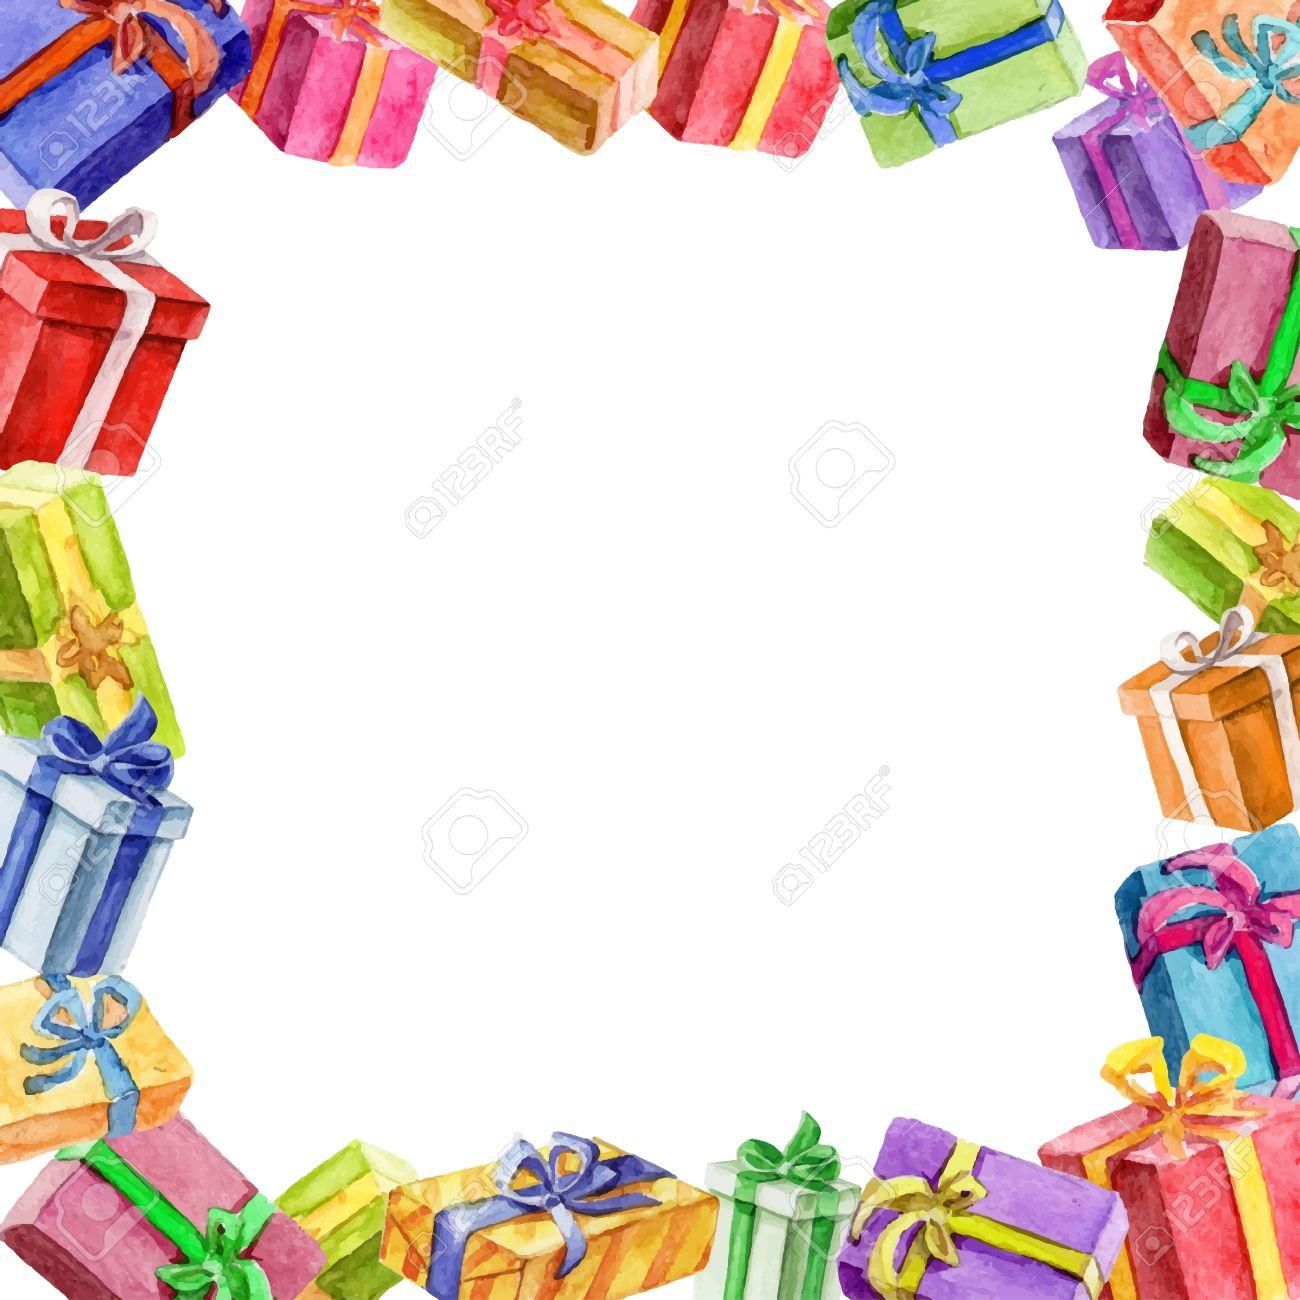 Ziemlich Picture Frame Gifts Fotos - Benutzerdefinierte Bilderrahmen ...